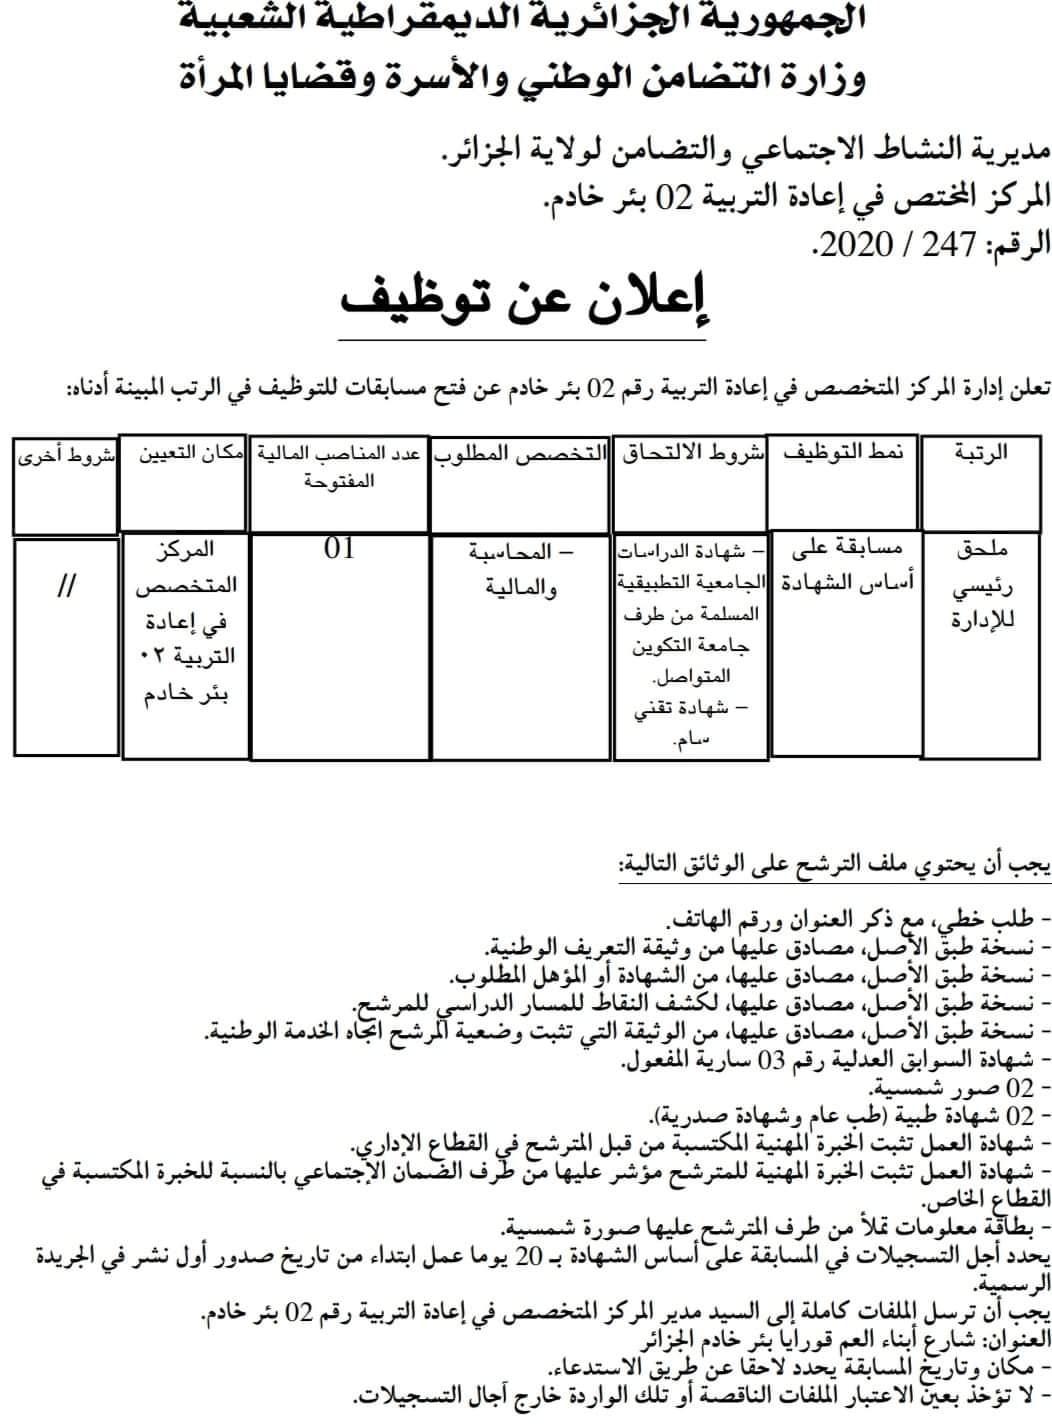 اعلان توظيف بالمركز المتخصص في اعادة التربية 02 ببئر خادم ولاية الجزائر 22 ديسمبر 2020